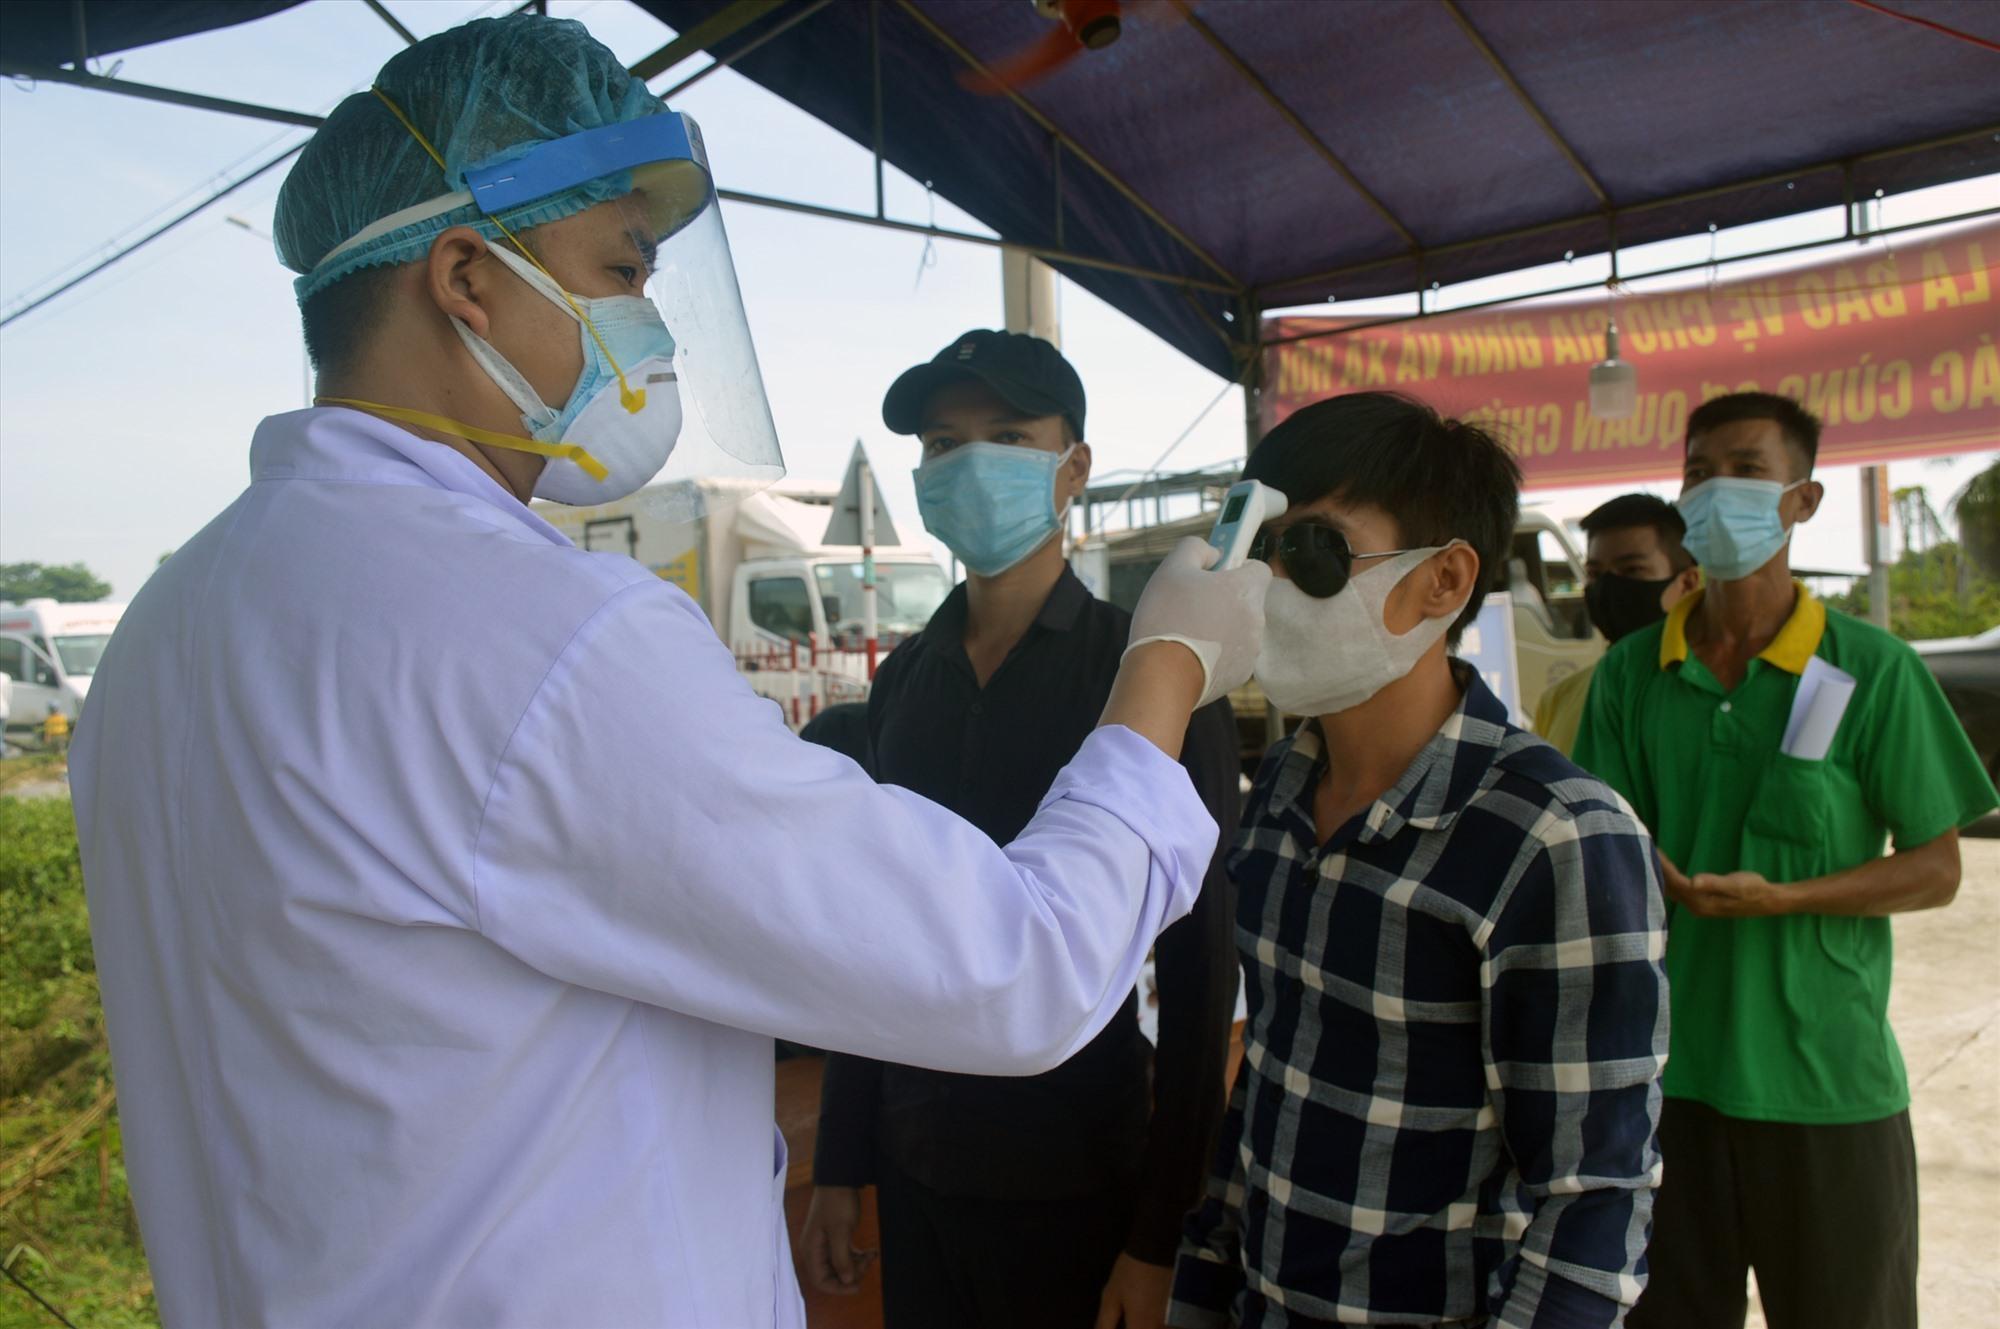 Kiểm soát và tổ chức khai báo y tế đối với người từ TP. Đà Nẵng về Quảng Nam. Ảnh: Q.T